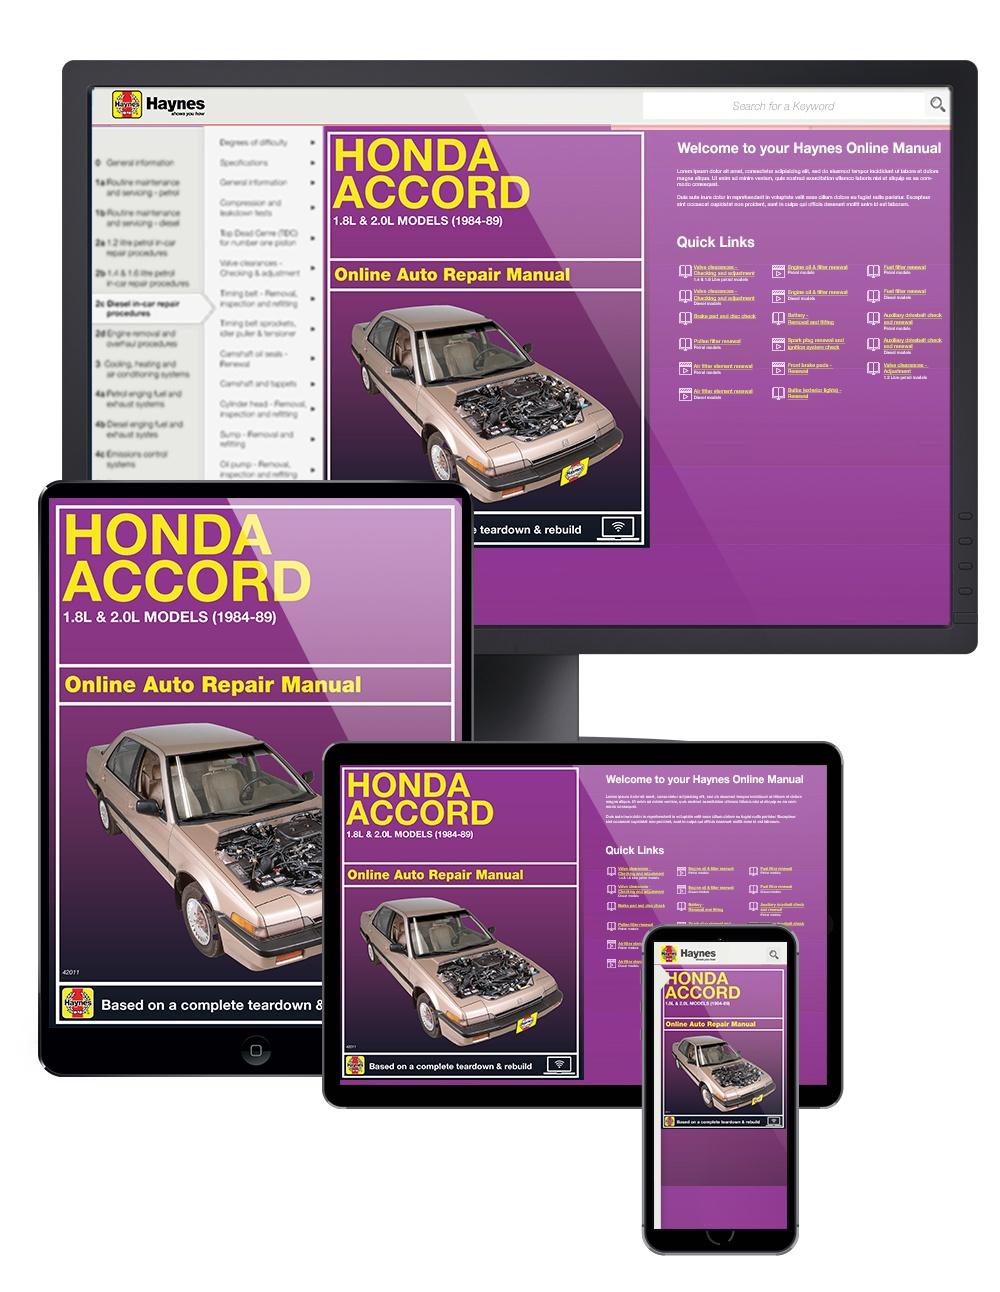 Honda Accord 1.8L & 2.0L Models (84-89) Haynes Online Manual